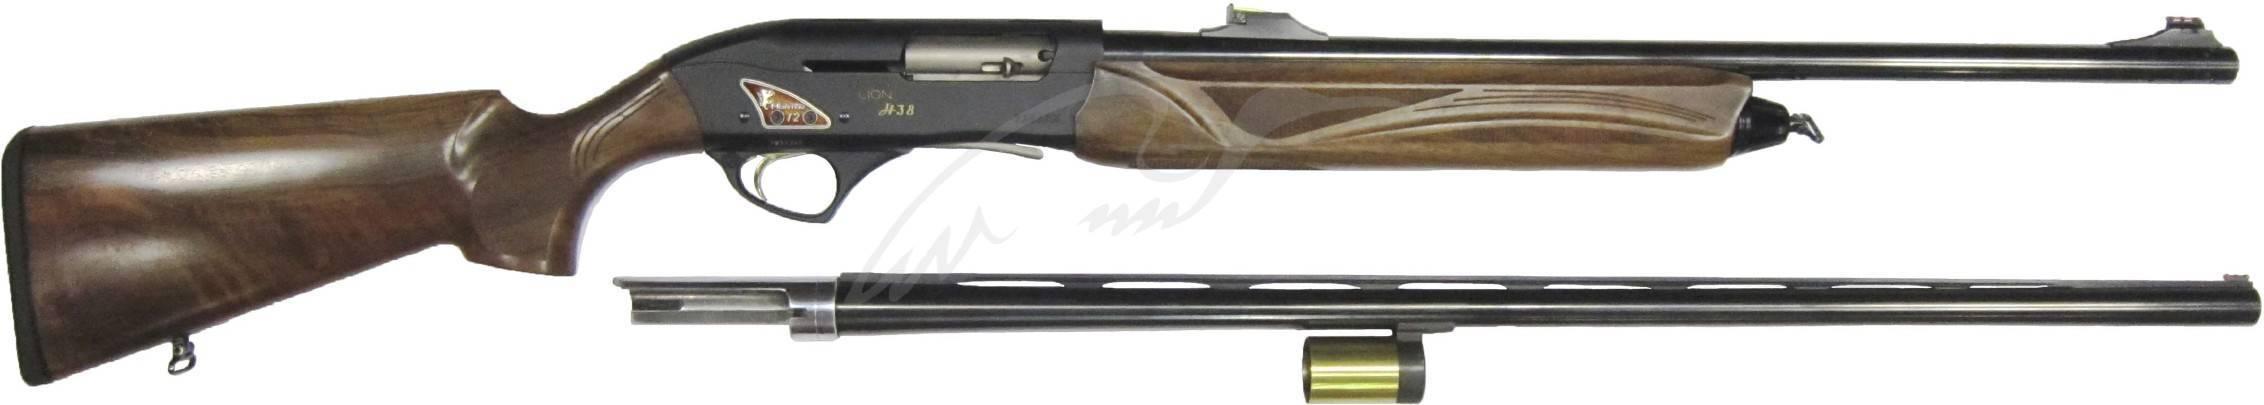 Гладкоствольное ружье Fabarm Lion H38